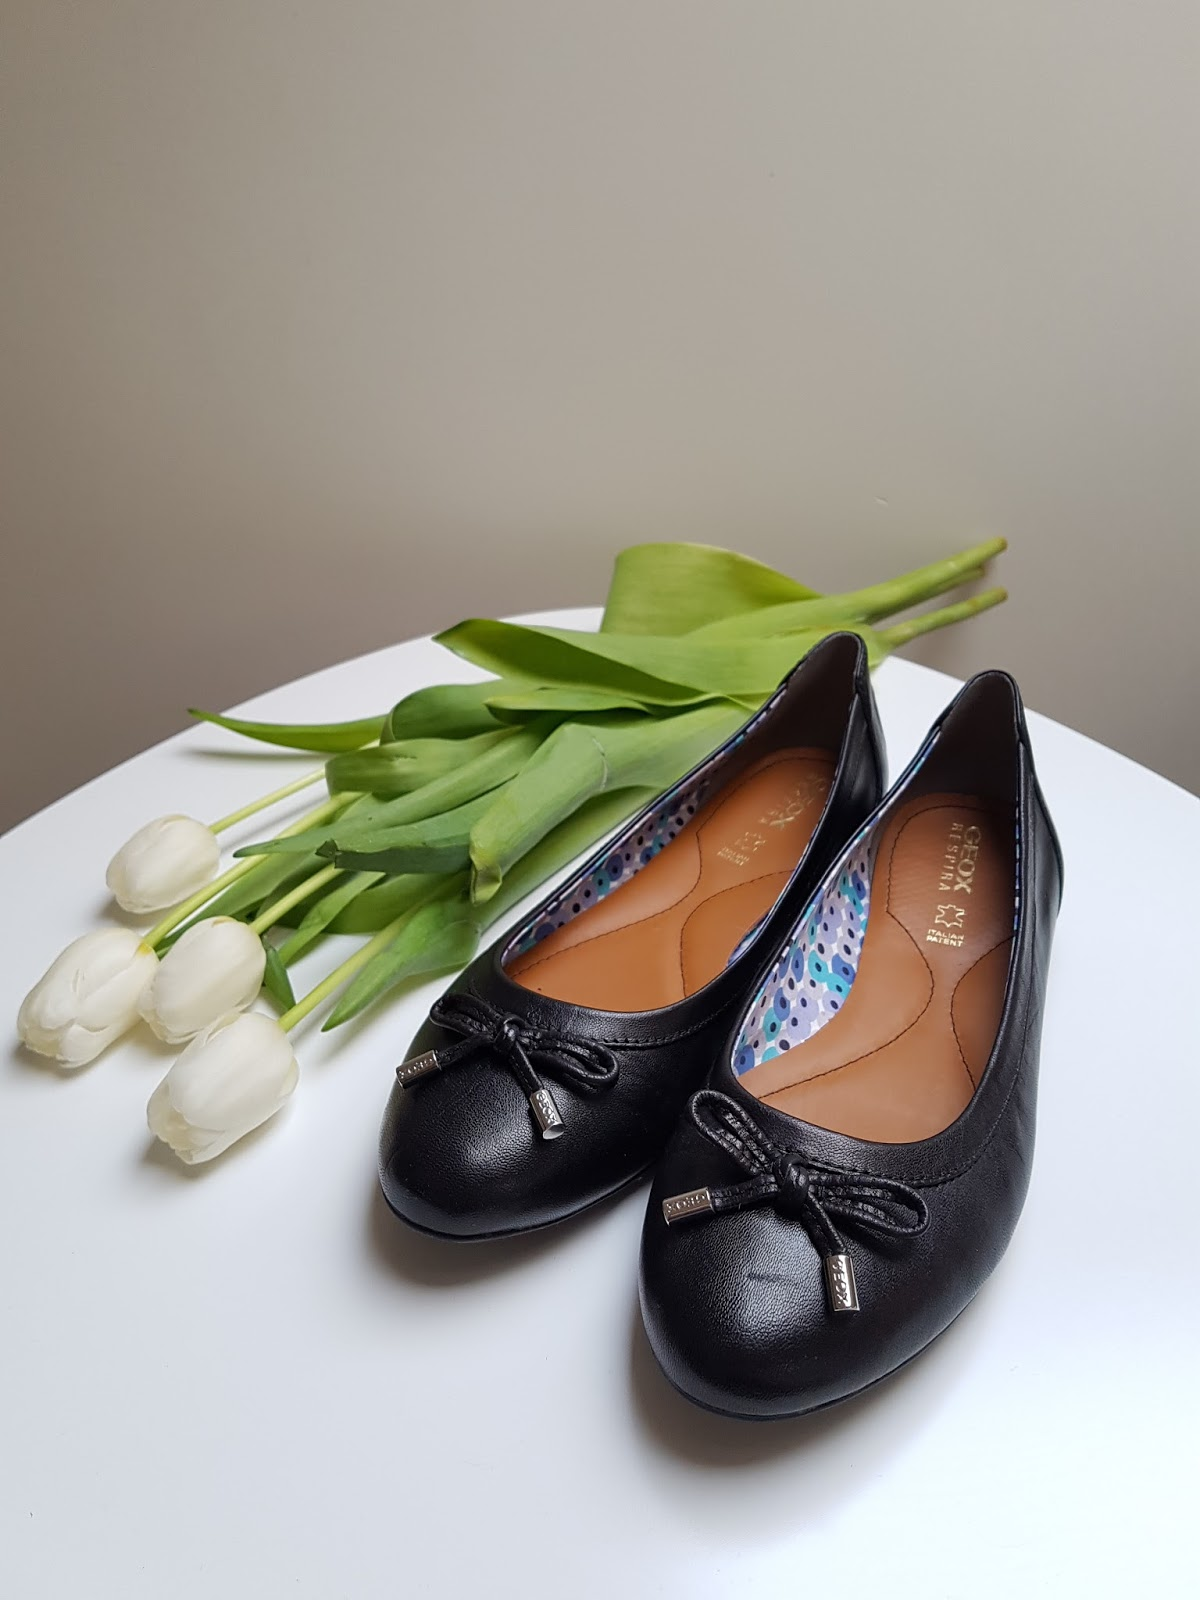 grube czarne rurki z łupami lesbijskie orgie stóp